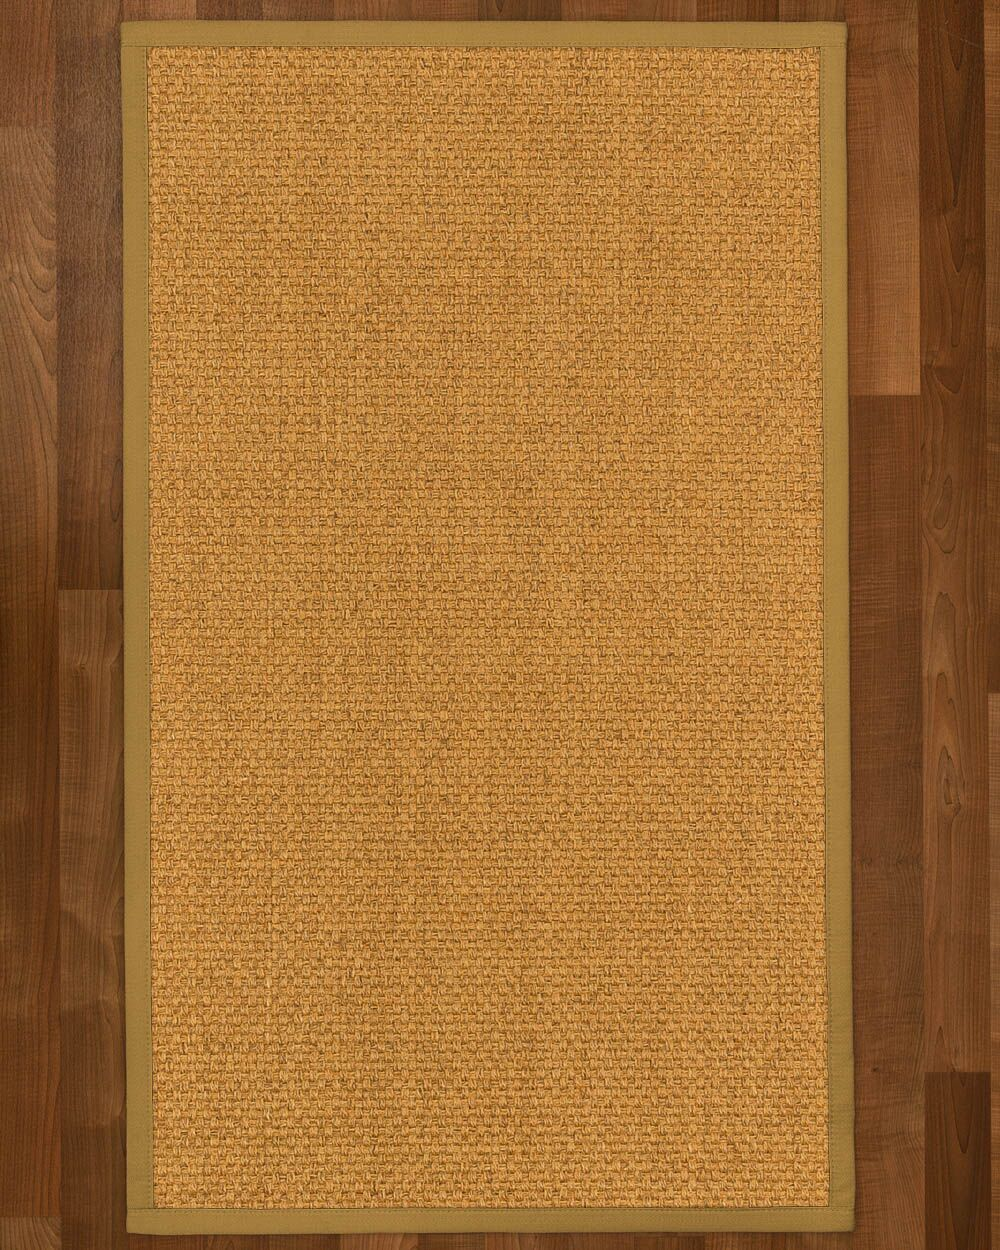 Andlau Hand Woven Brown Area Rug Rug Size: Rectangle 4' X 6'